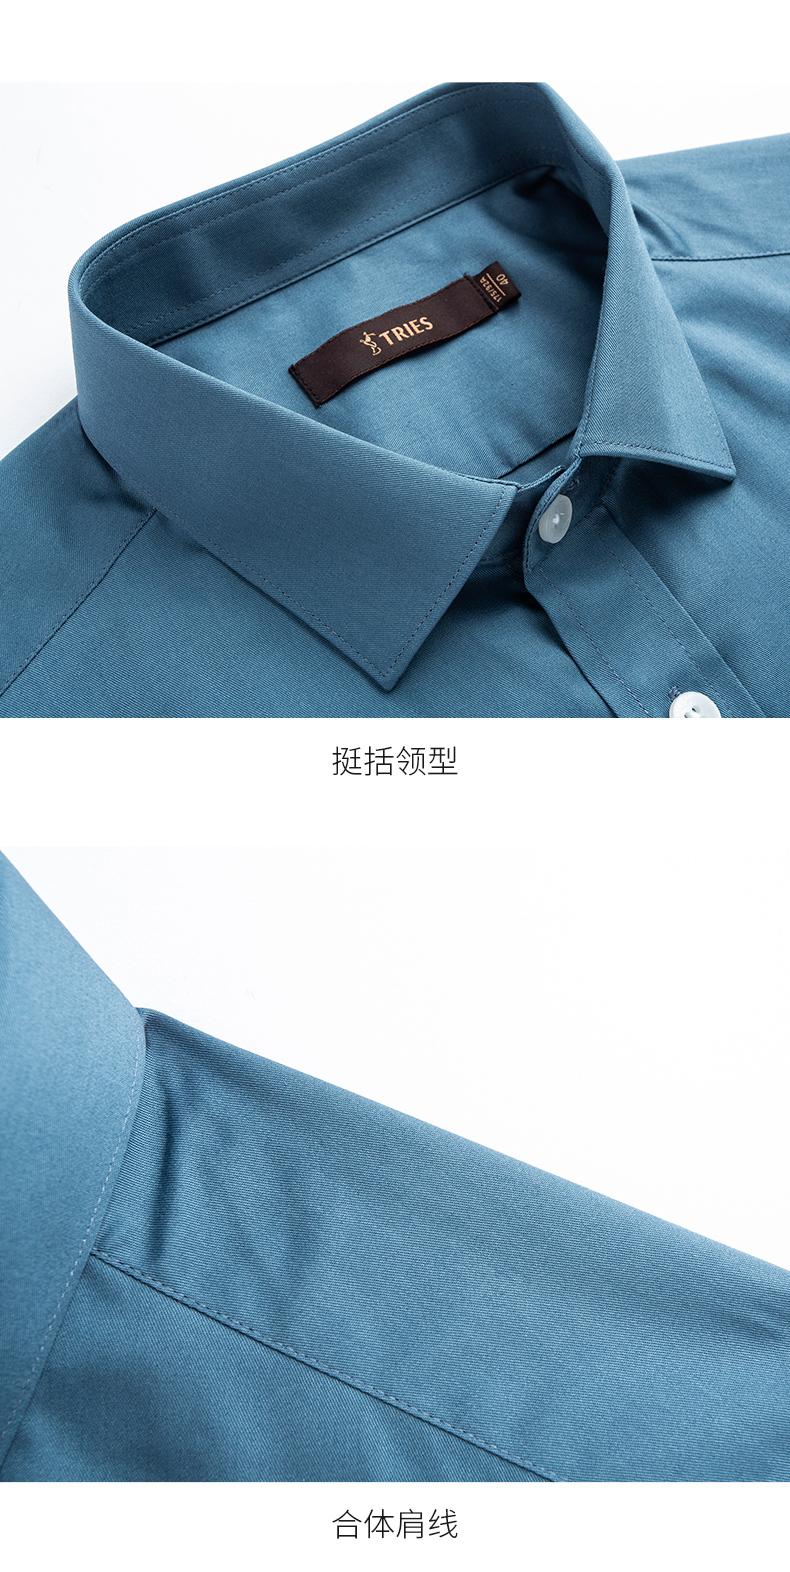 才子男装长袖白衬衫男春季修身商务正装休閒职业内搭西装内搭衬衫详细照片